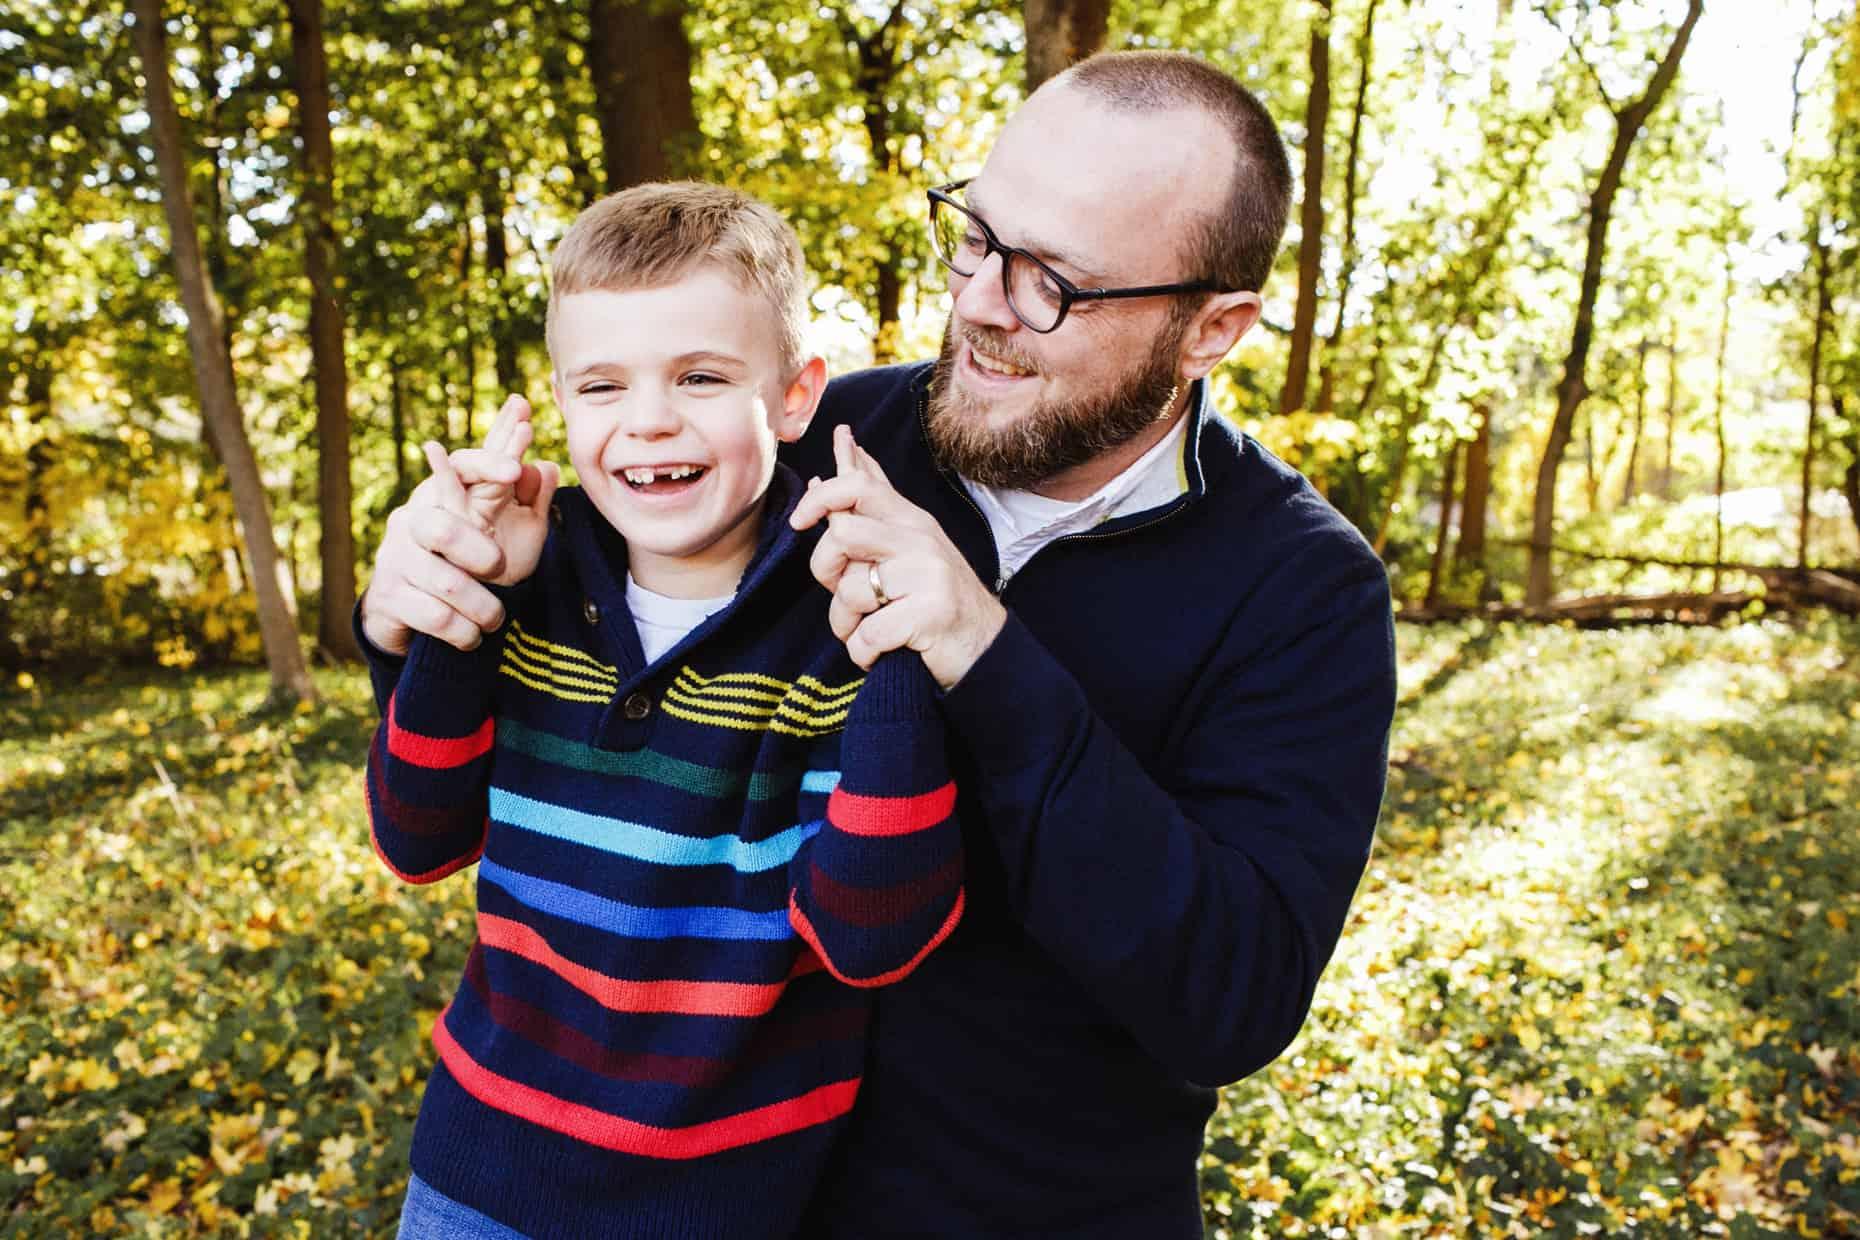 Curtis Arboretum Family Photo